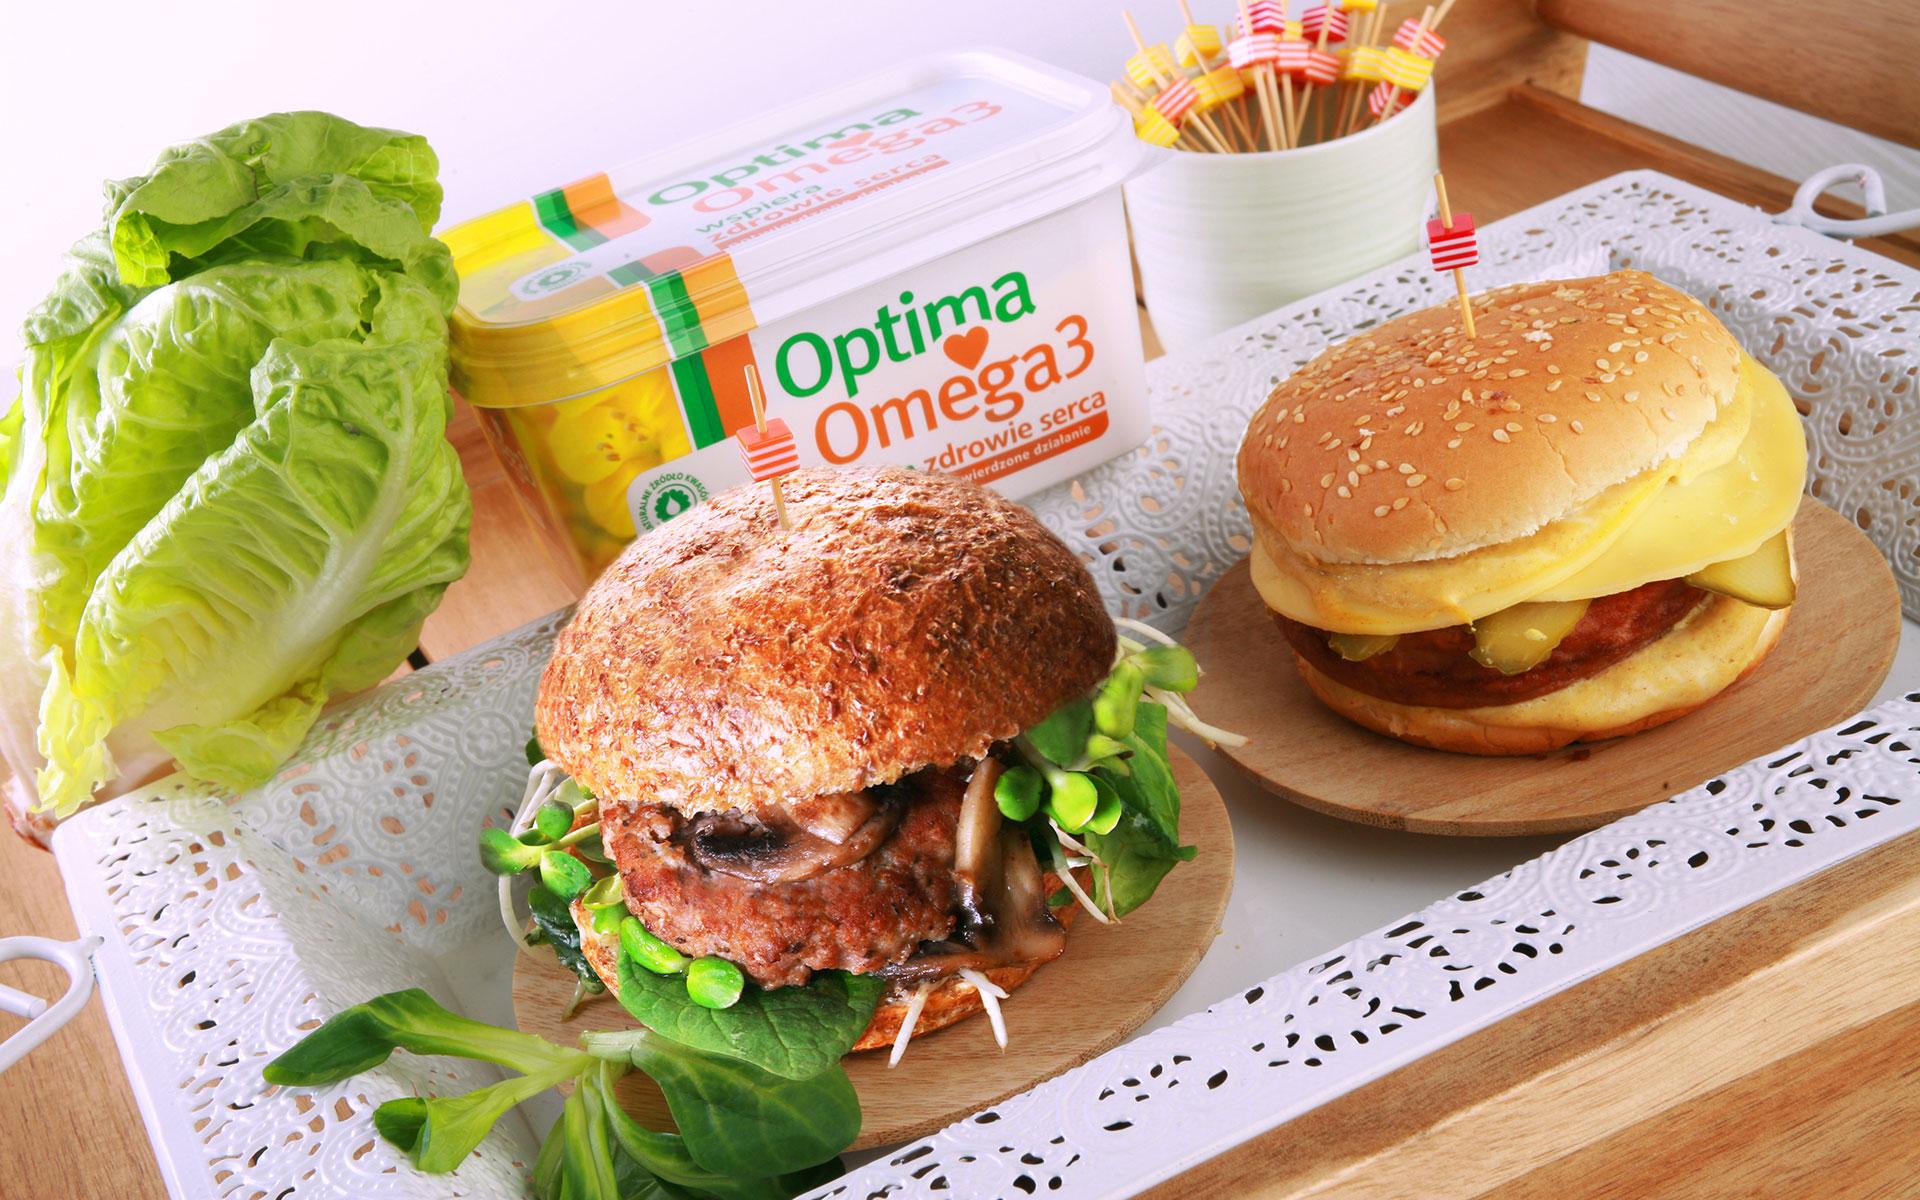 Burger z indyka z warzywami vs. Burger z mięsa wieprzowego